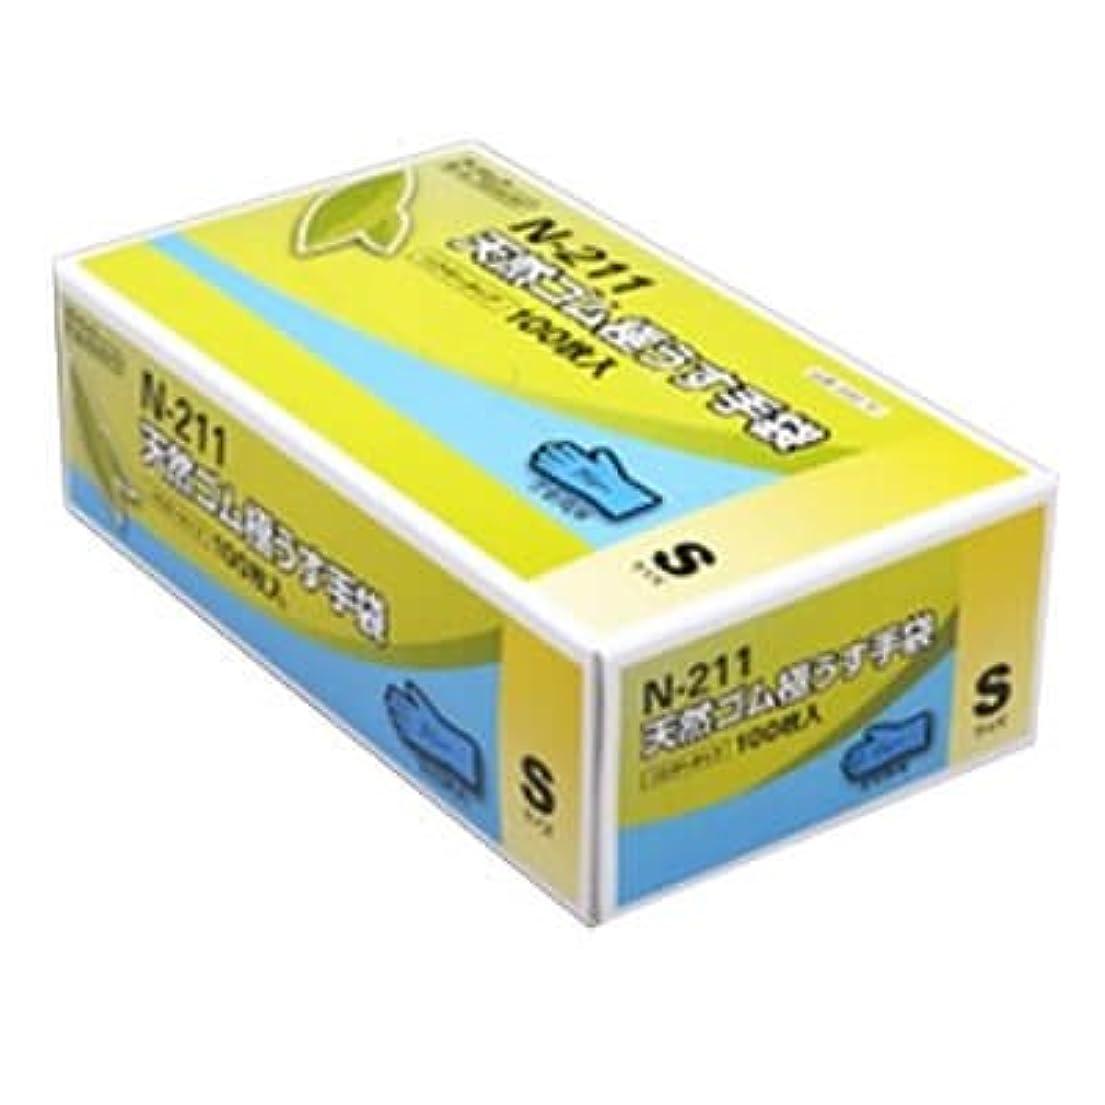 プレートウォーターフロントそう【ケース販売】 ダンロップ 天然ゴム極うす手袋 N-211 S ブルー (100枚入×20箱)